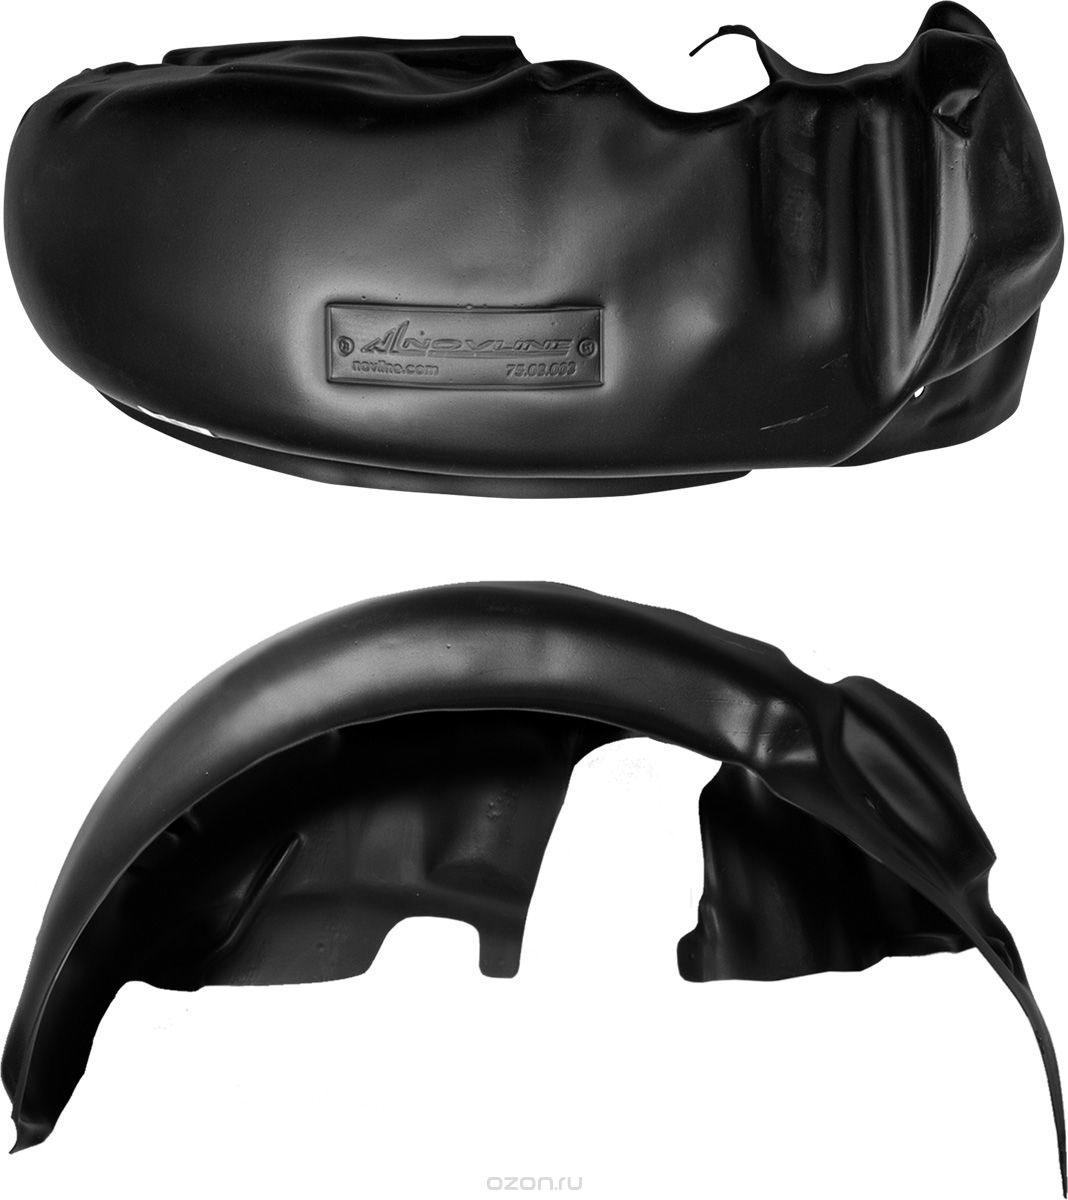 Подкрылок Novline-Autofamily, для Chevrolet Spark, 2010->, передний правыйNLL.08.14.002Идеальная защита колесной ниши. Локеры разработаны с применением цифровых технологий, гарантируют максимальную повторяемость поверхности арки. Изделия устанавливаются без нарушения лакокрасочного покрытия автомобиля, каждый подкрылок комплектуется крепежом. Уважаемые клиенты, обращаем ваше внимание, что фотографии на подкрылки универсальные и не отражают реальную форму изделия. При этом само изделие идет точно под размер указанного автомобиля.